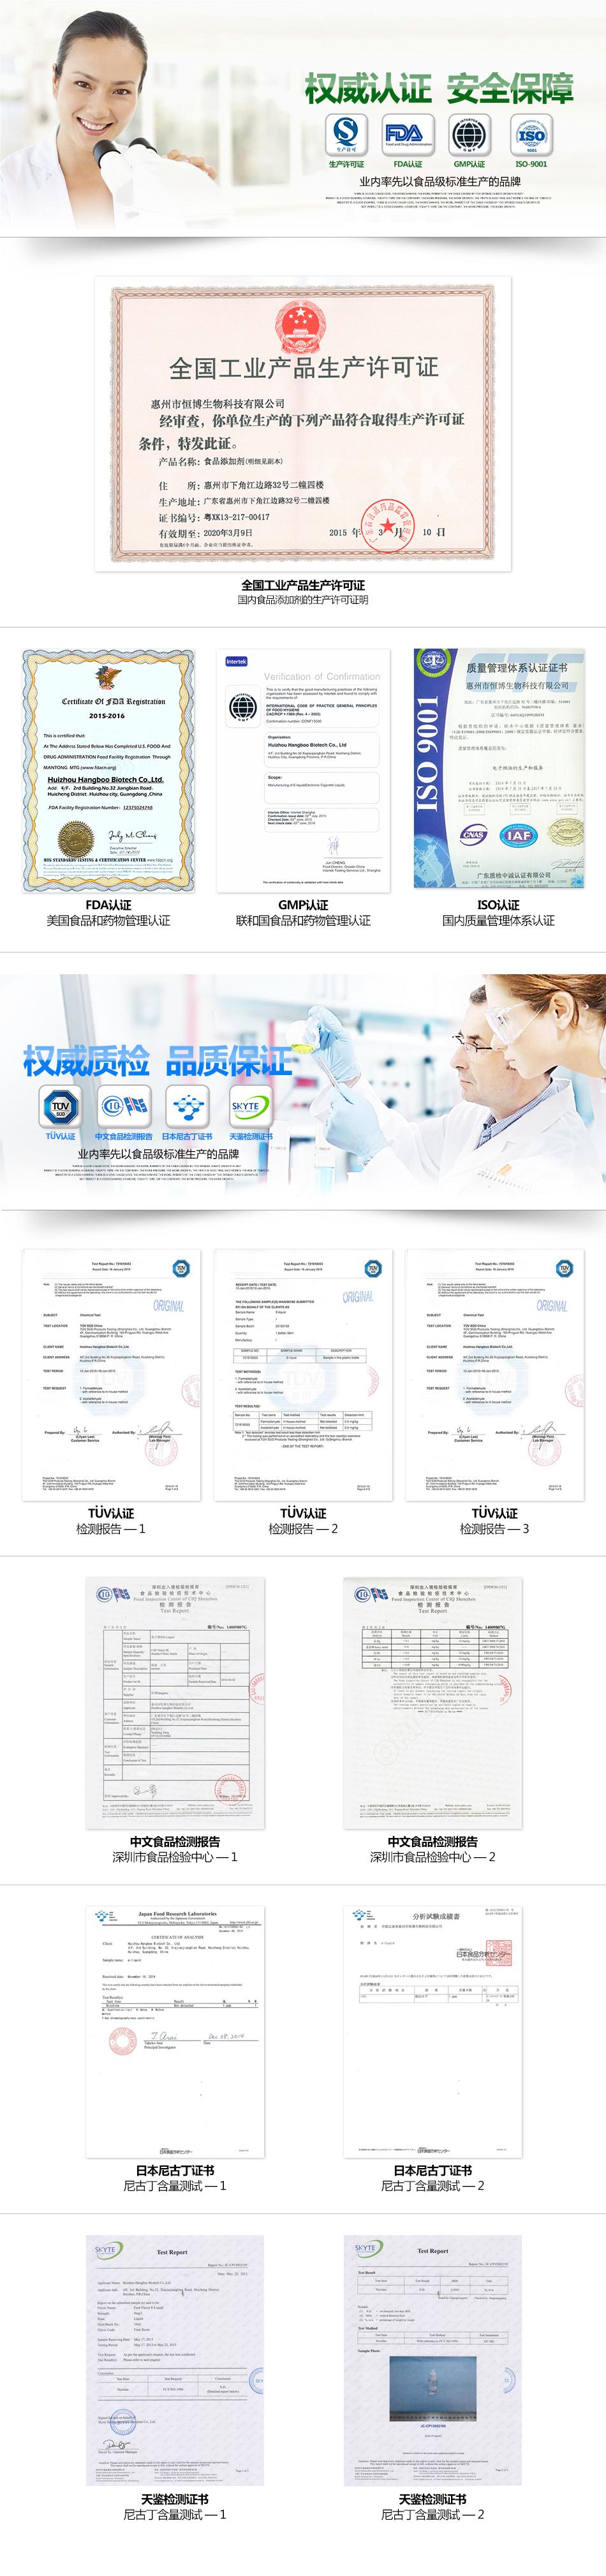 资质认证-完整版.jpg